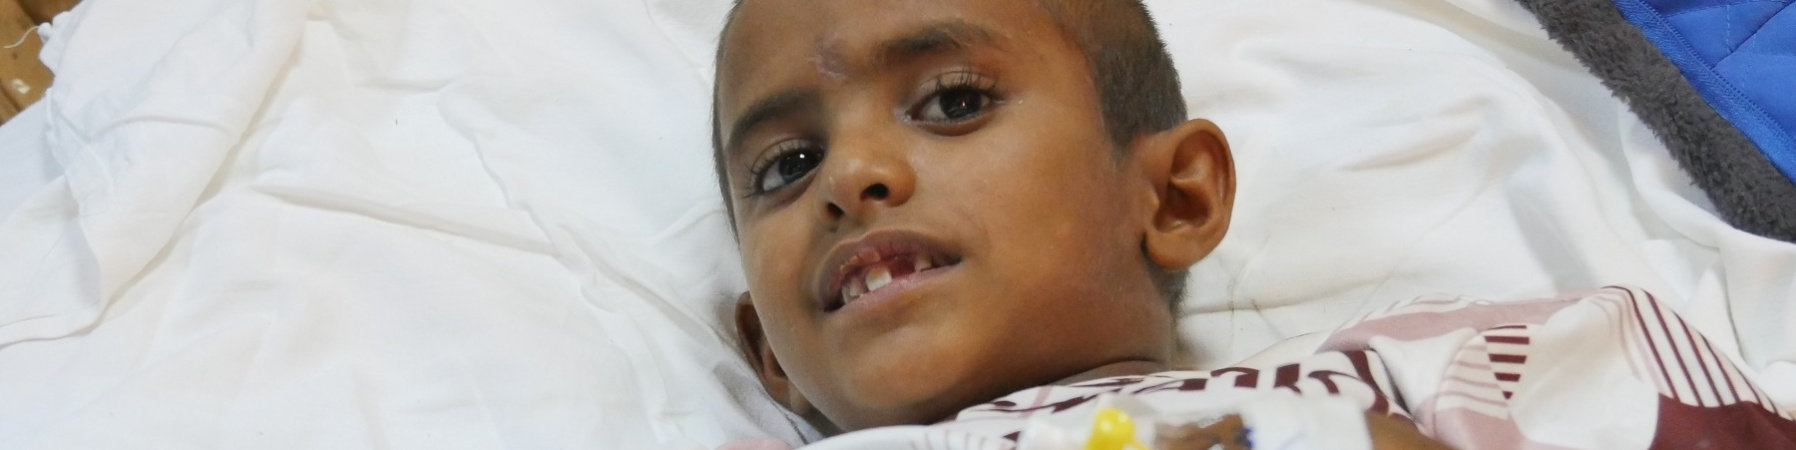 Bambino Yemenita ferito sdraiato in letto di ospedale